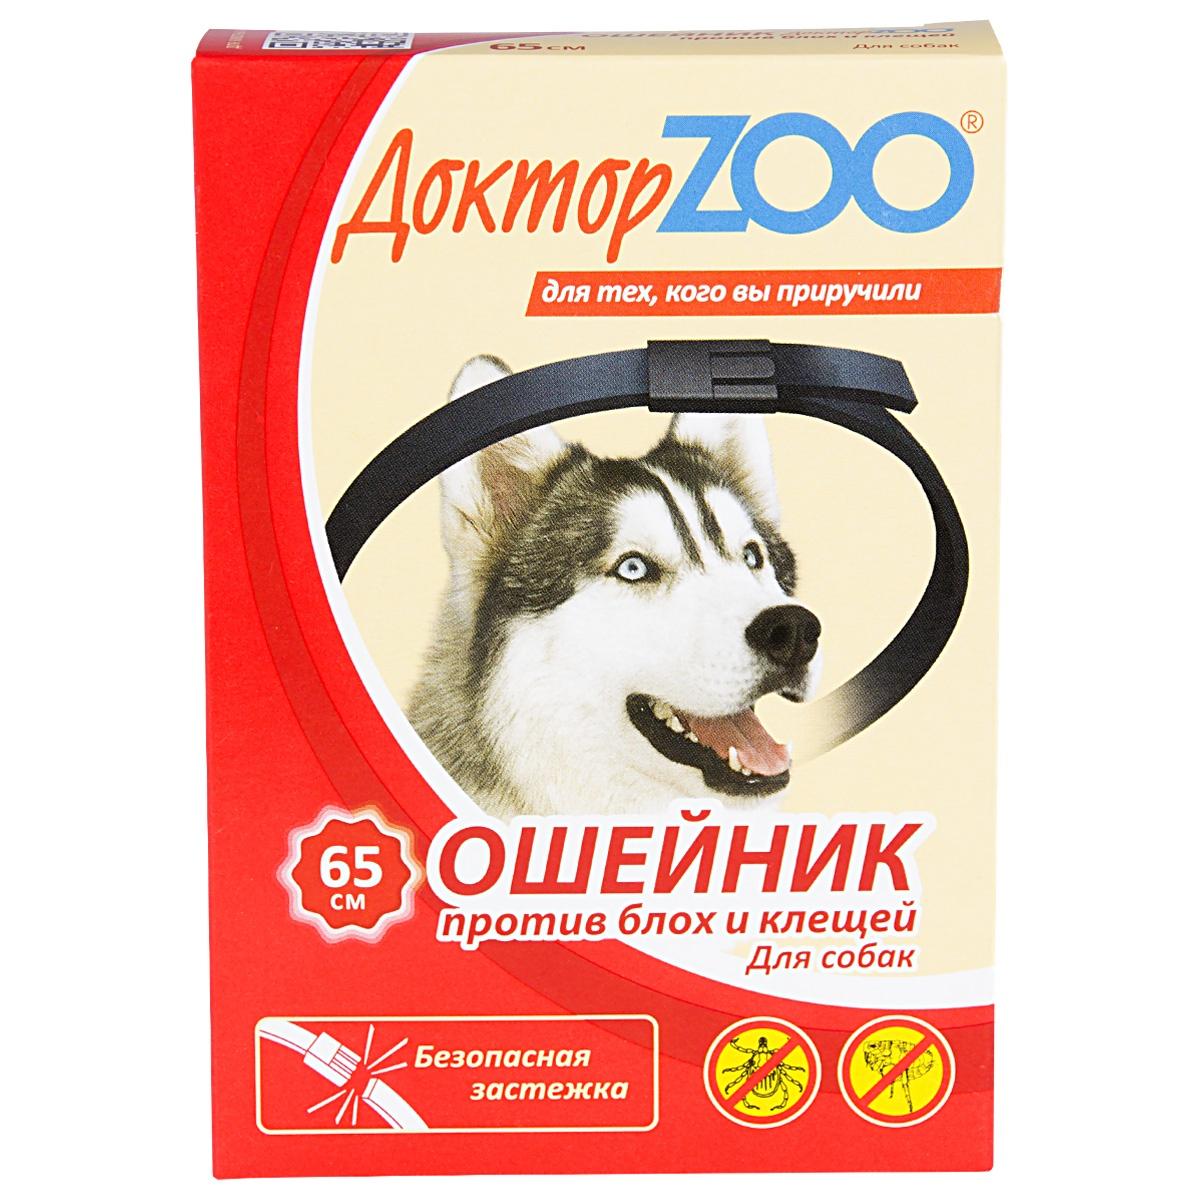 Лечебный ошейник Фауна Доктор ZOO Доктор ZOO для собак, черный